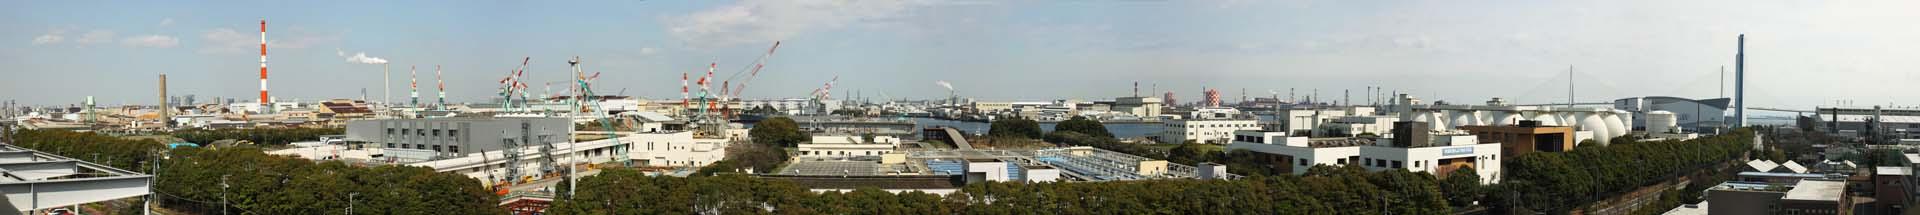 foto,tela,gratis,paisaje,fotografía,idea,Visualización entera de área industrial de Kawasaki, Chiminea, Fábrica, Astillero, Grúa